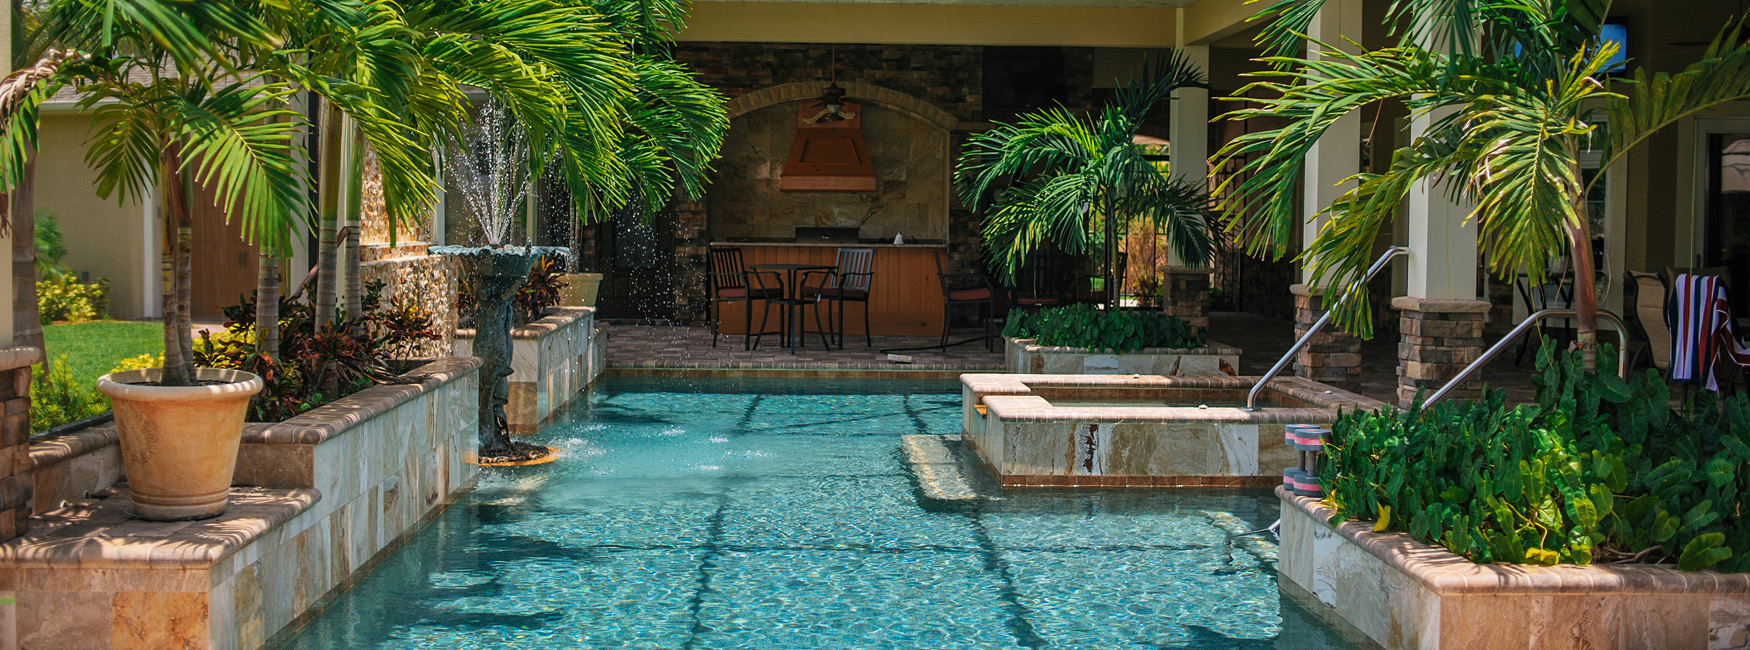 Home Aaron S Elite Pool Serviceaaron S Elite Pool Service